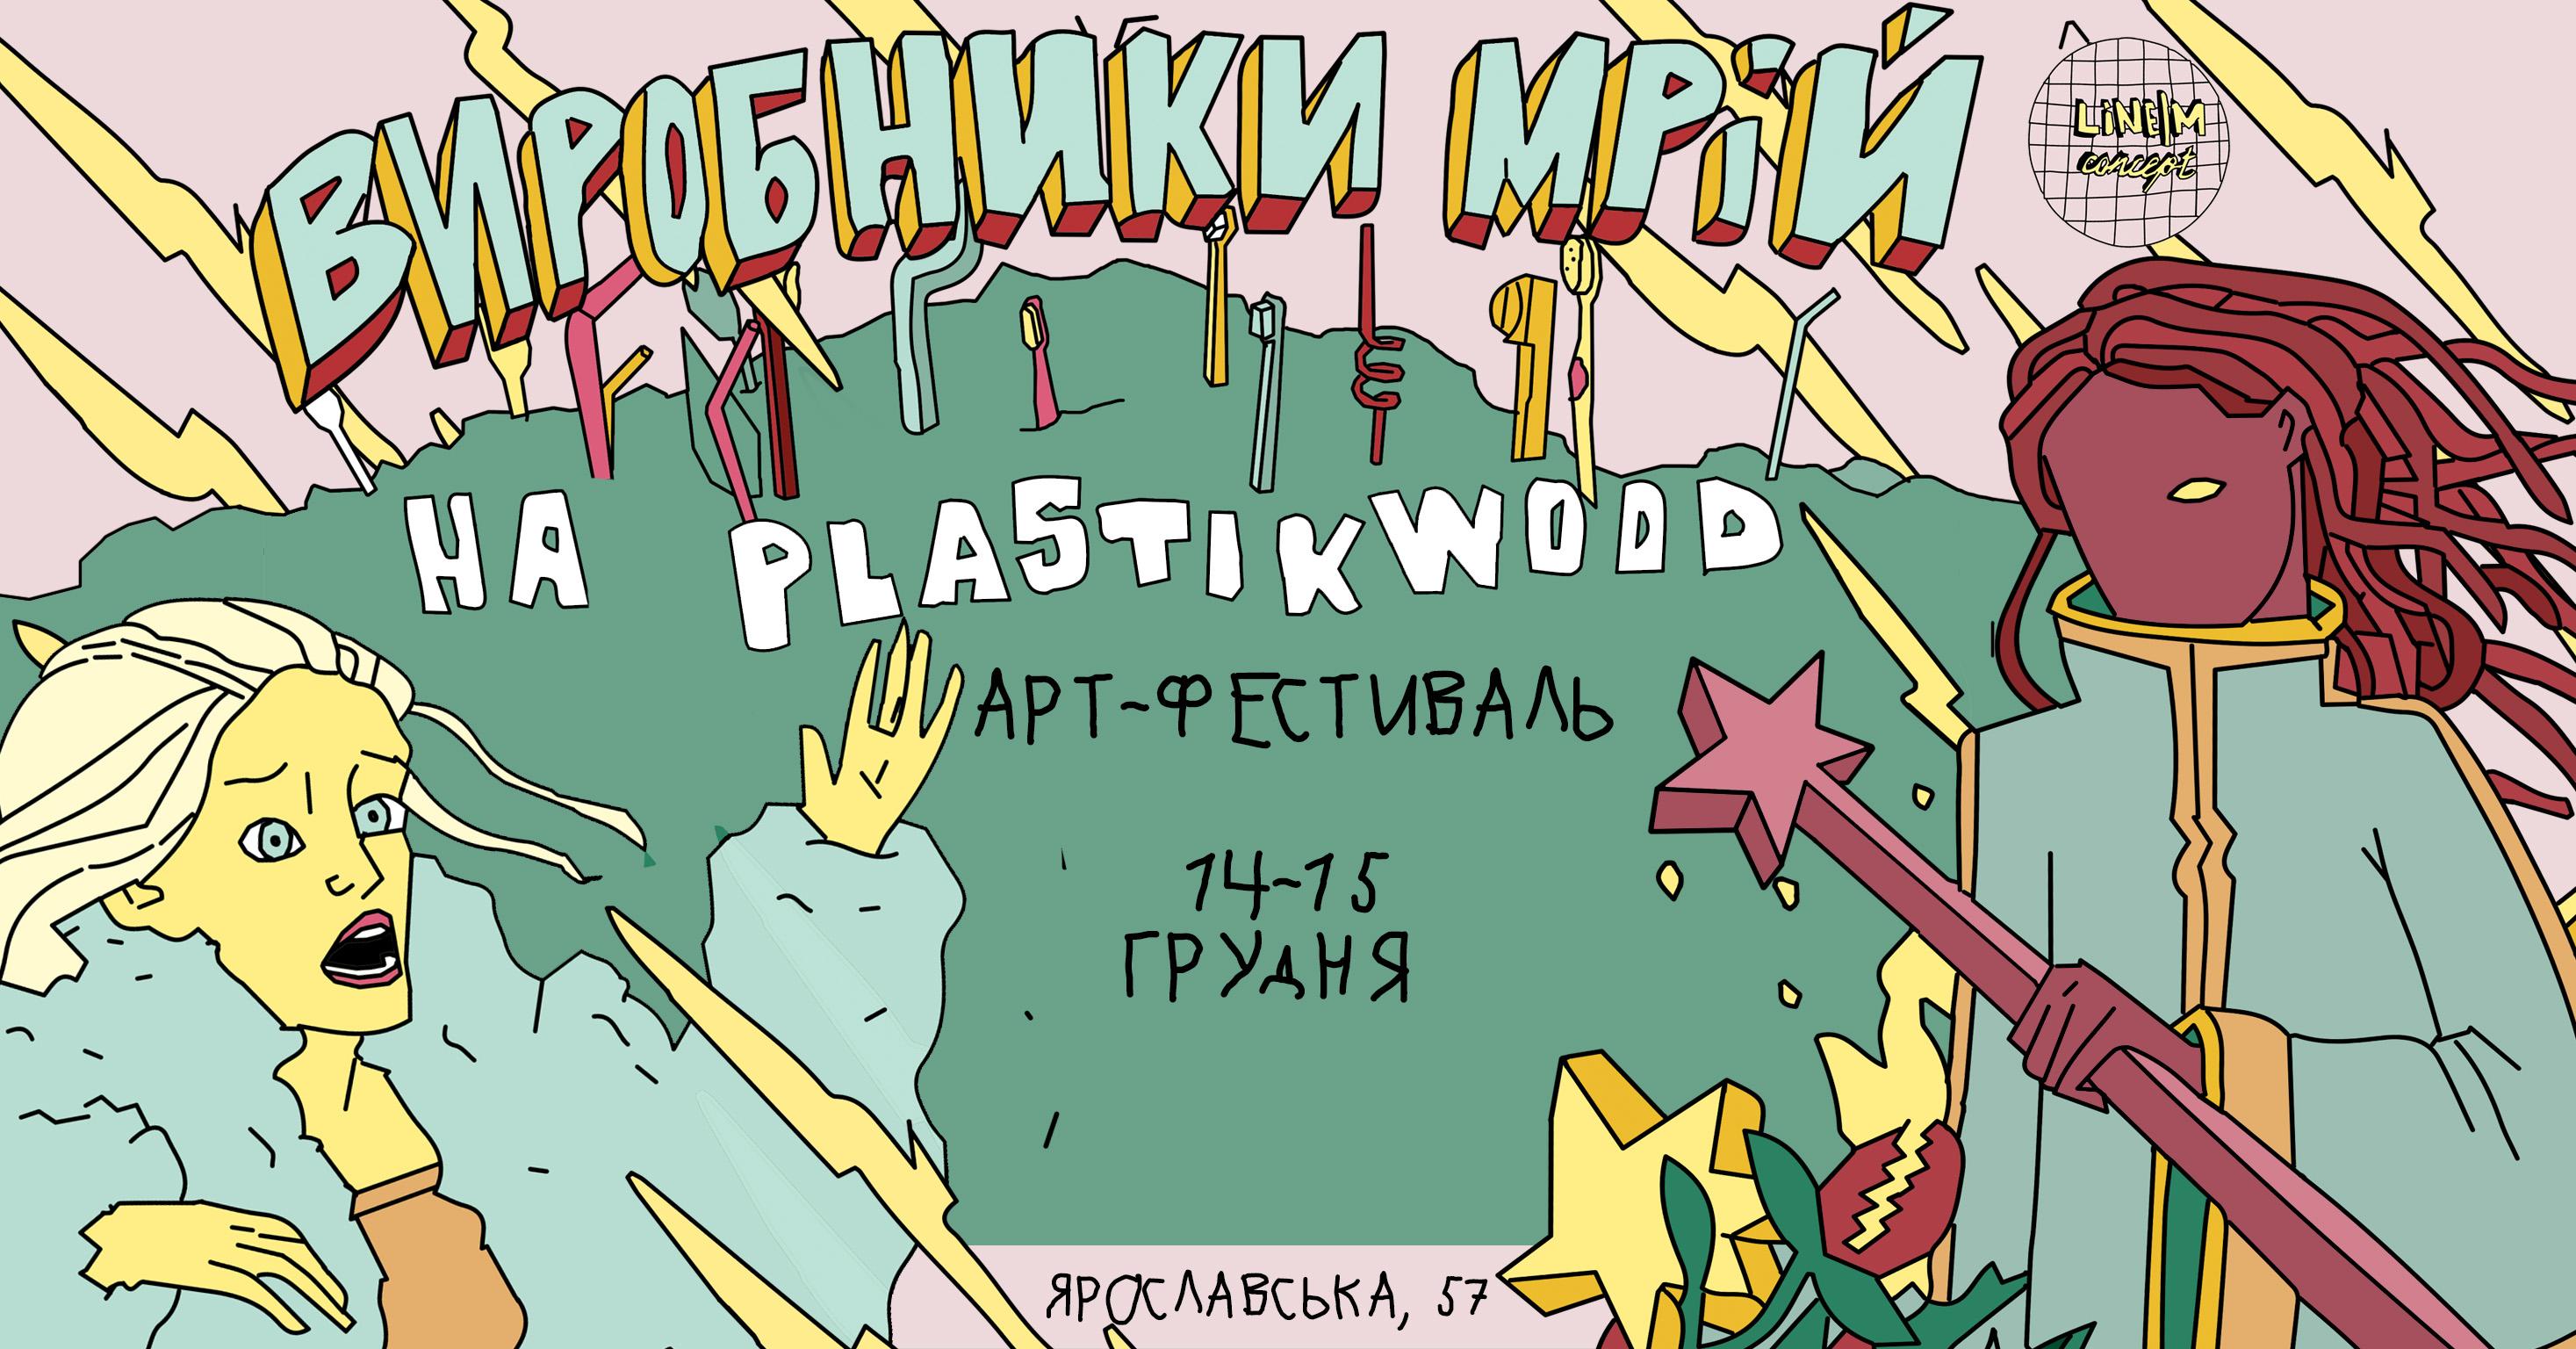 virobniki-mriy-2934h1536